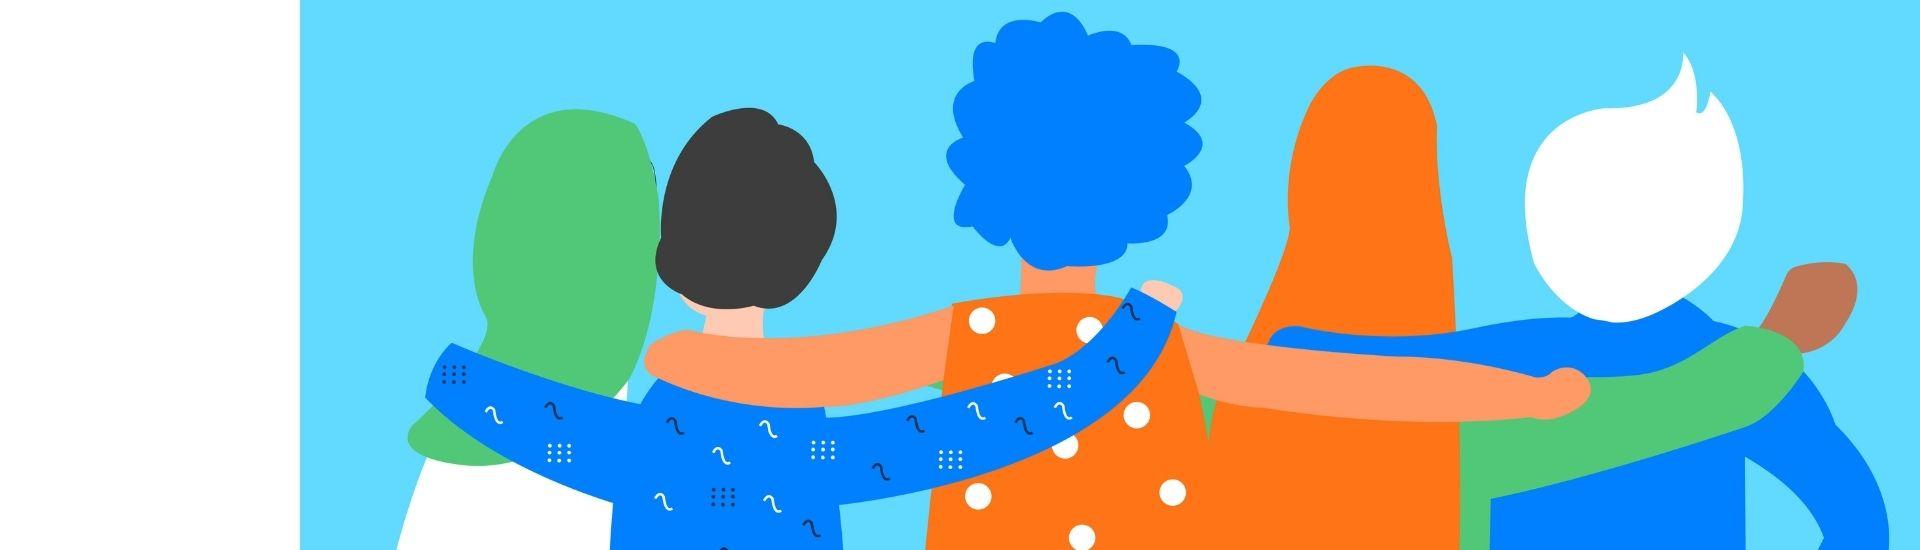 Imagen de 5 personas de espaldas, abrazándose en alusión al apoyo por la inclusión